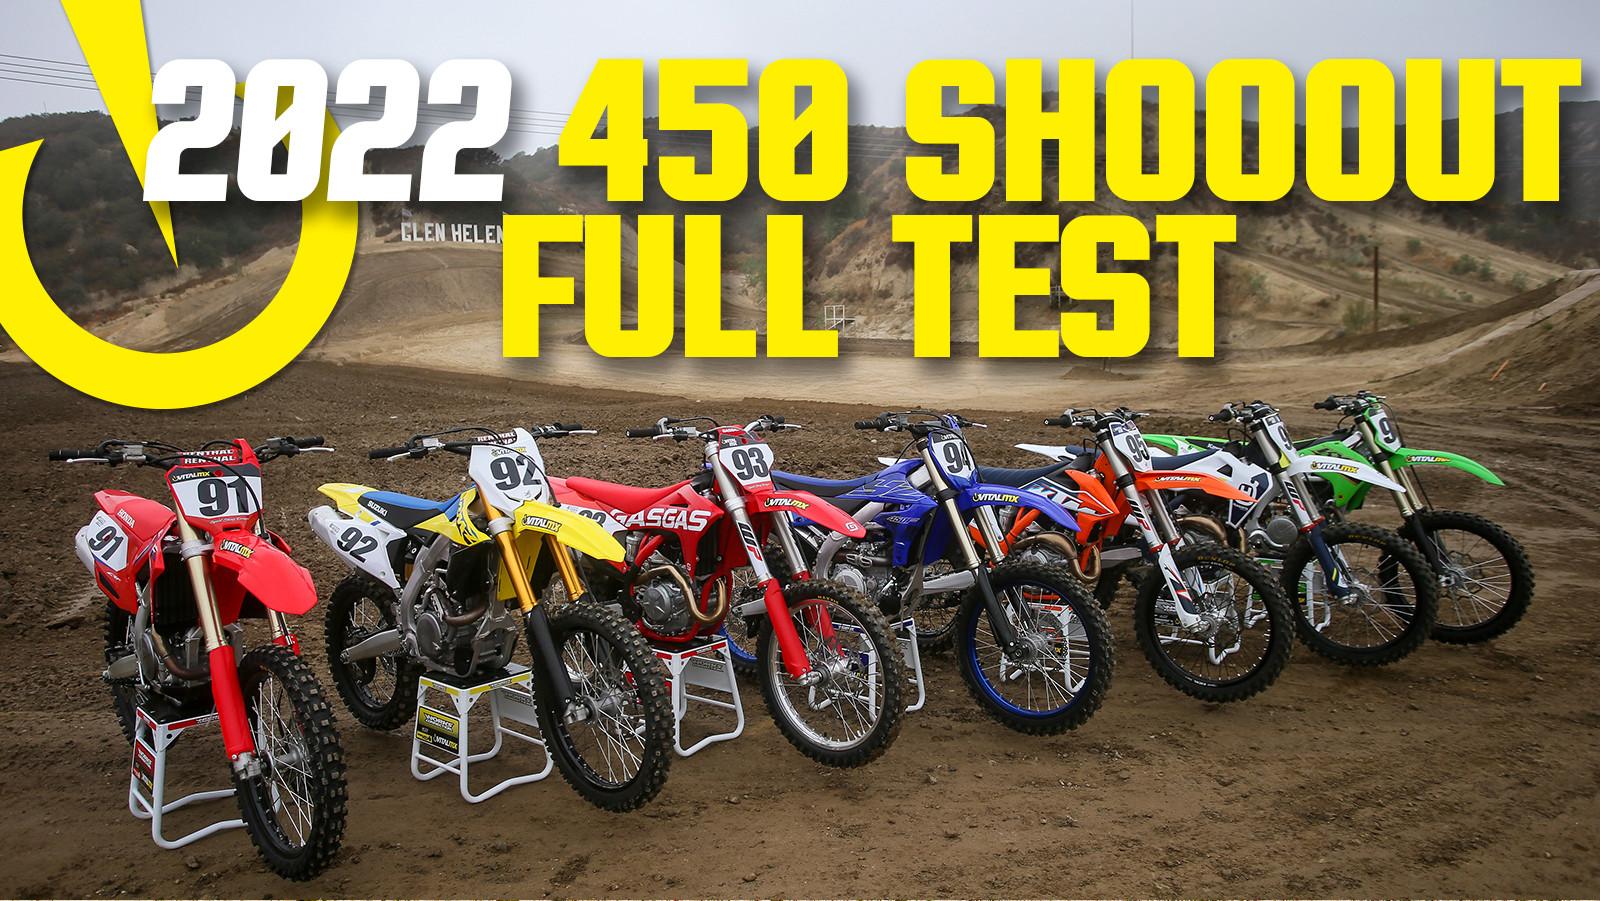 2022 Vital MX 450 Shootout